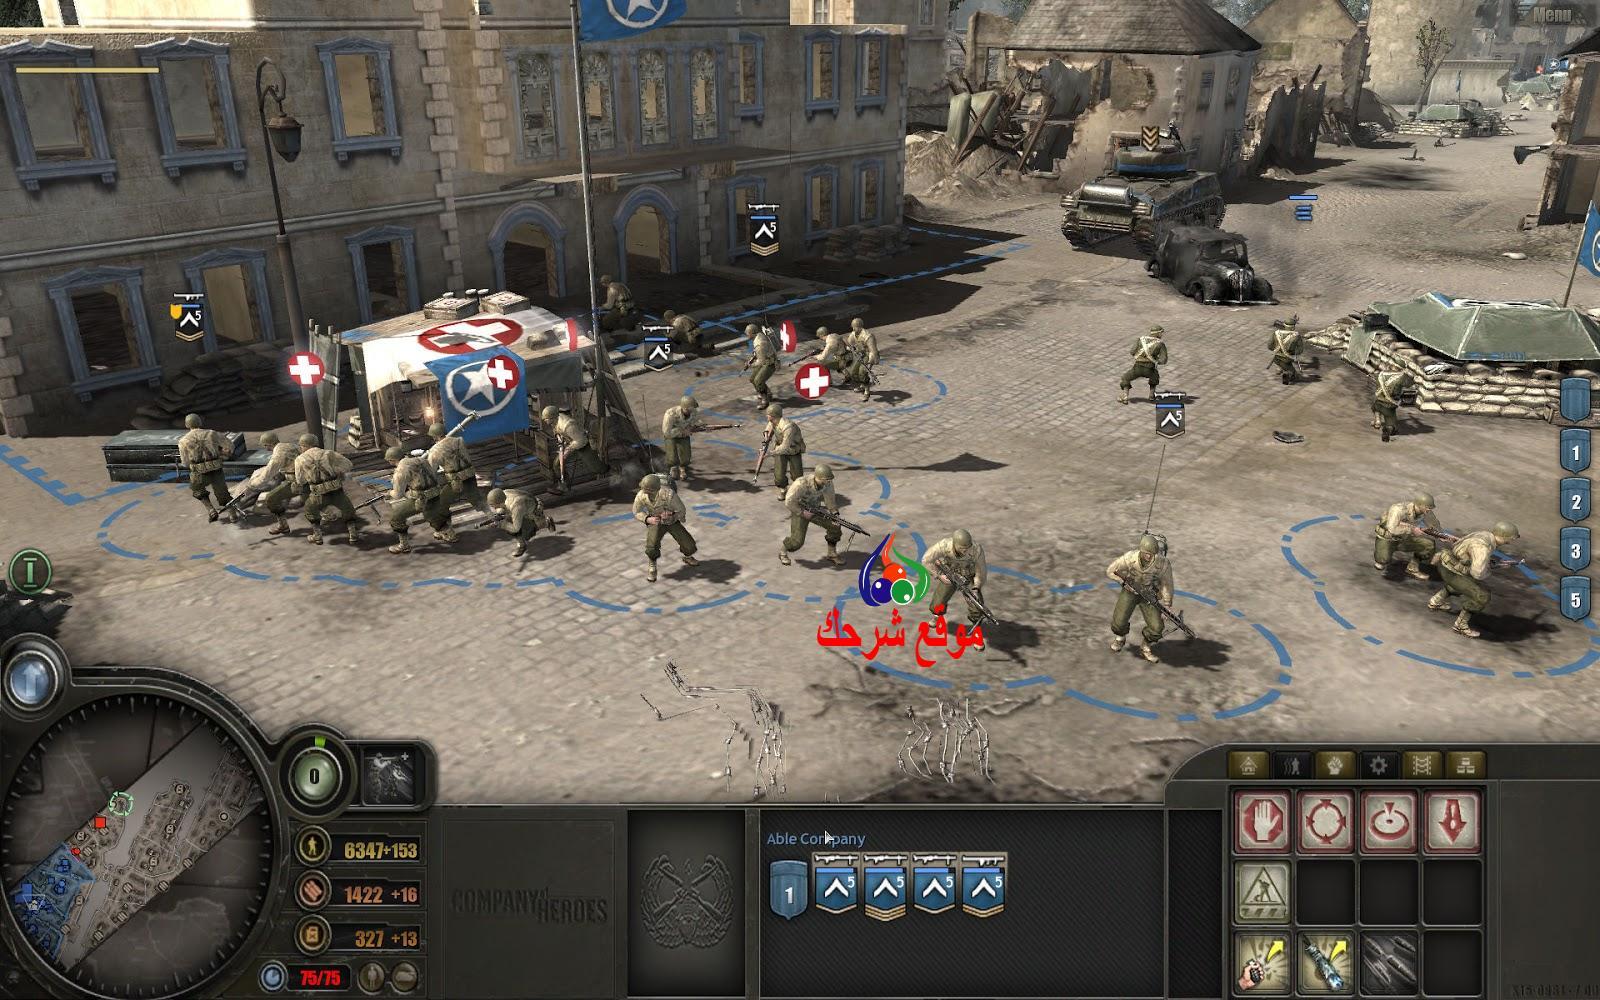 لعبة الحرب العالمية الأولى sudden strike